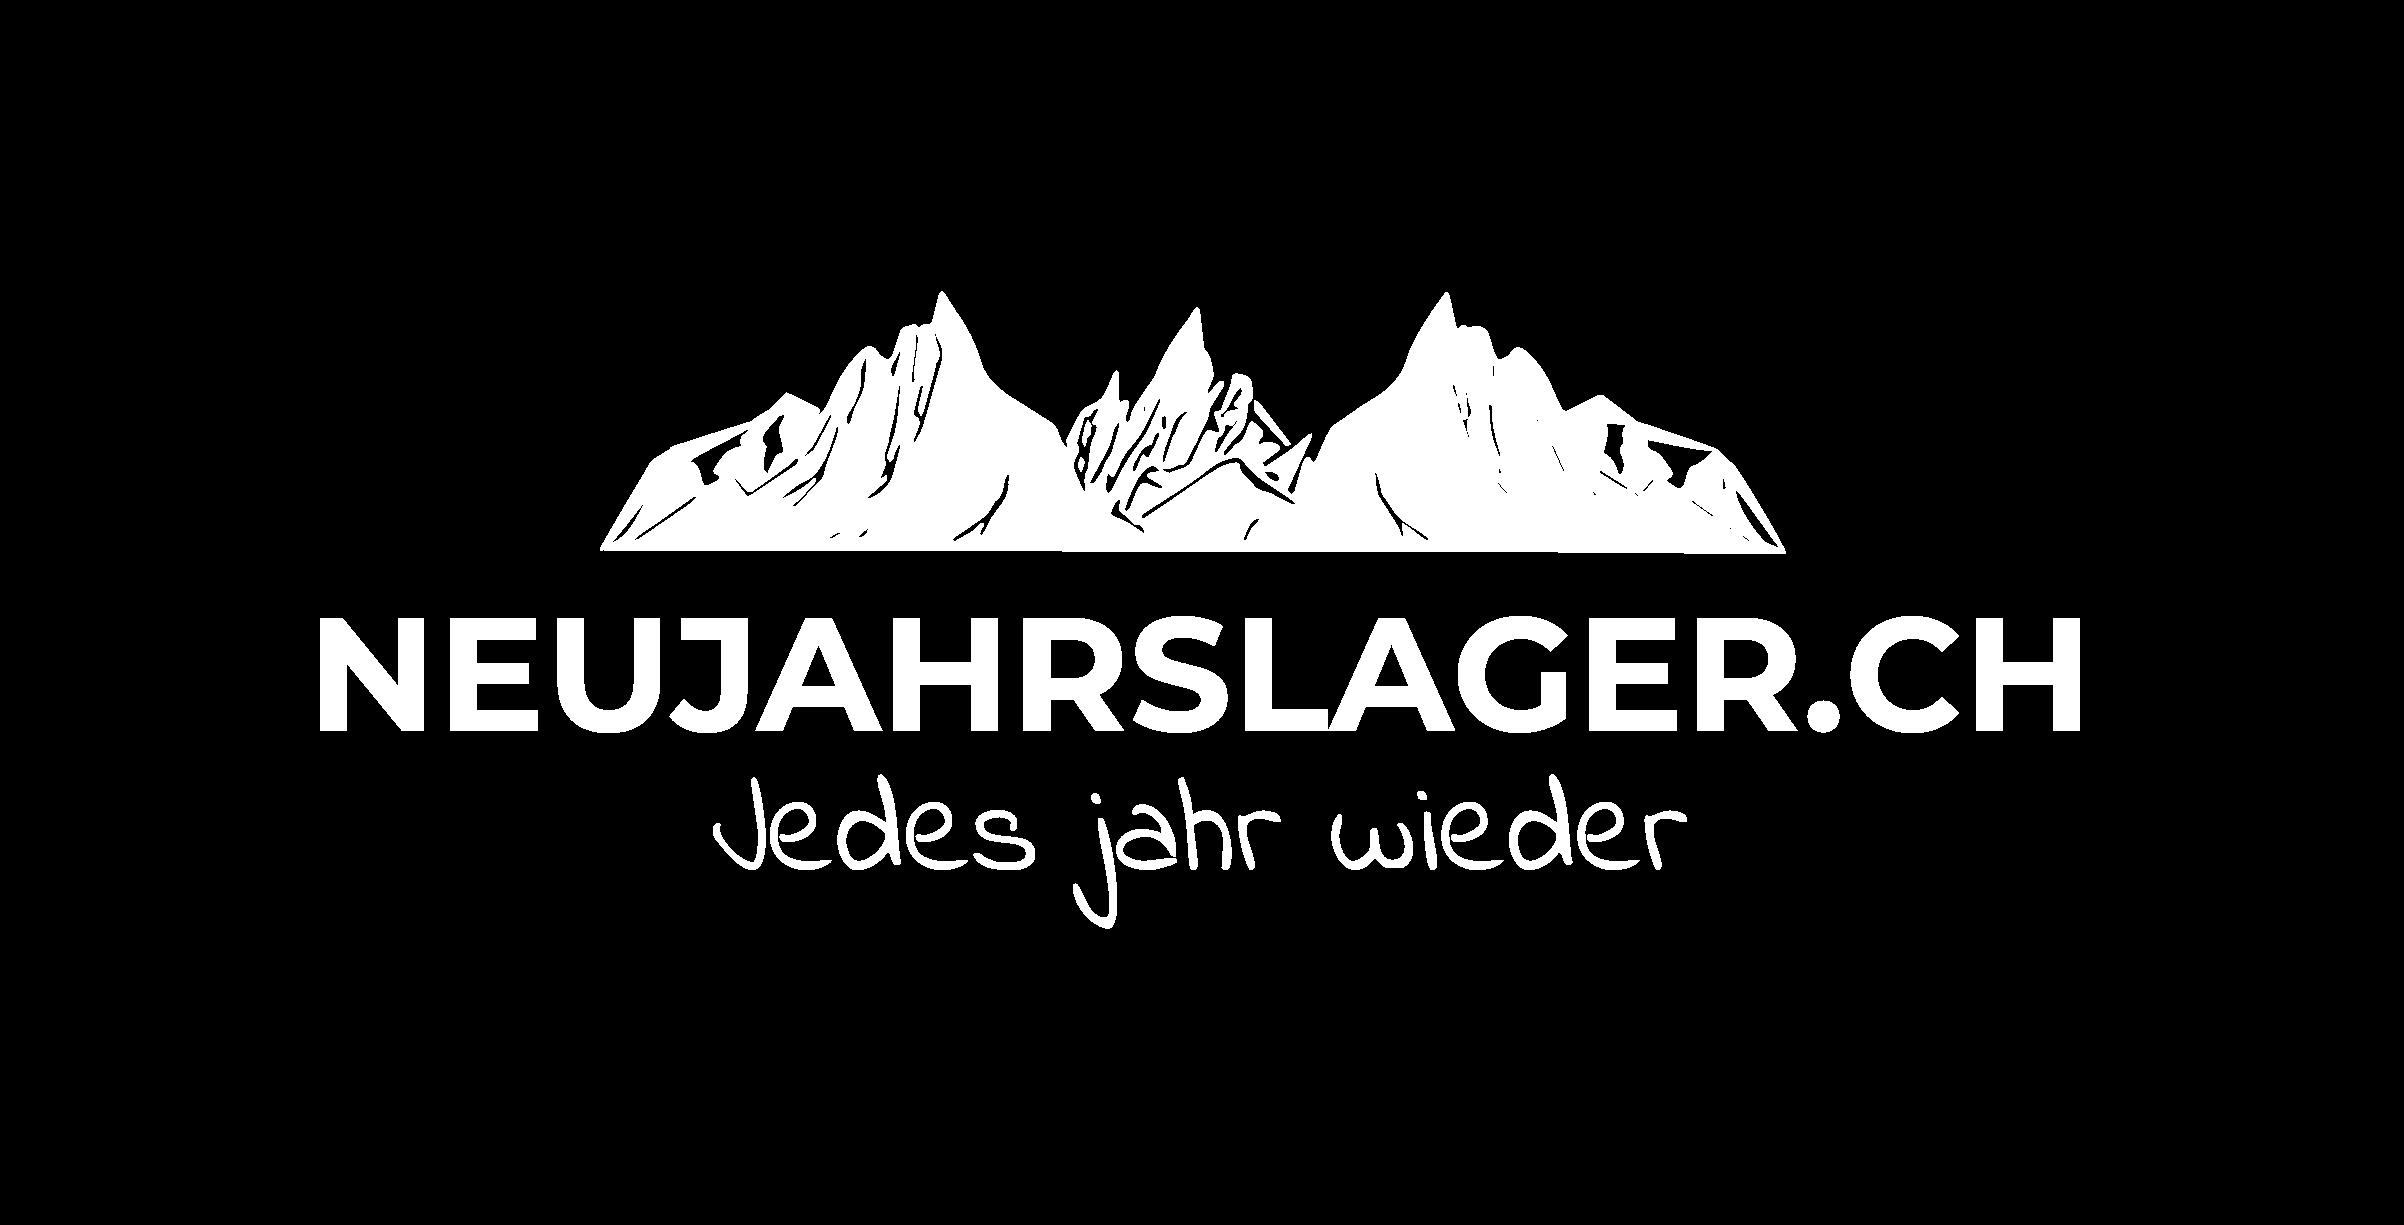 neujahrslager.ch